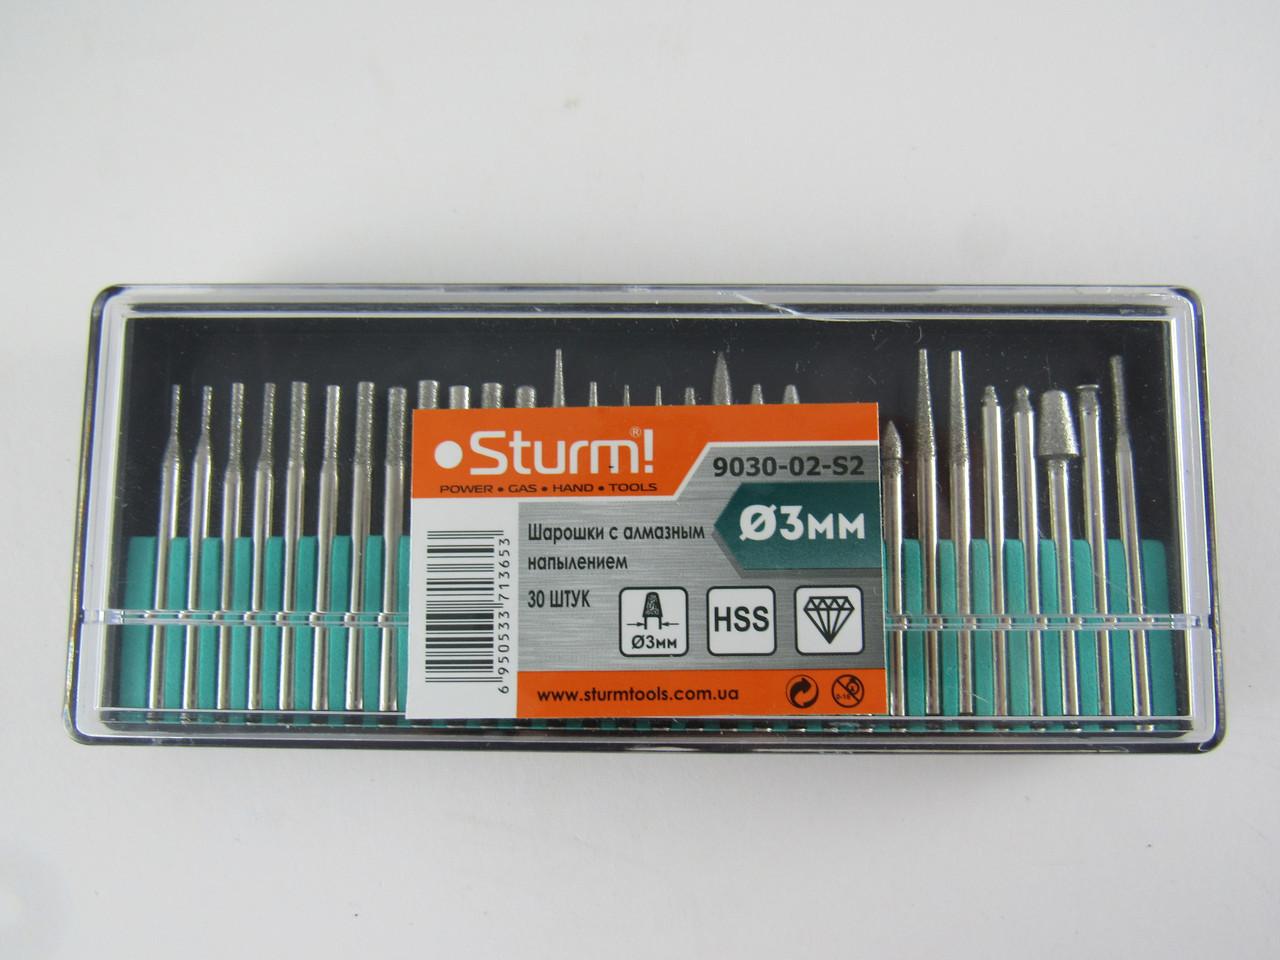 Шарошки с алмазным напылением, 30 шт (3ммX45мм) Sturm 9030-02-S2